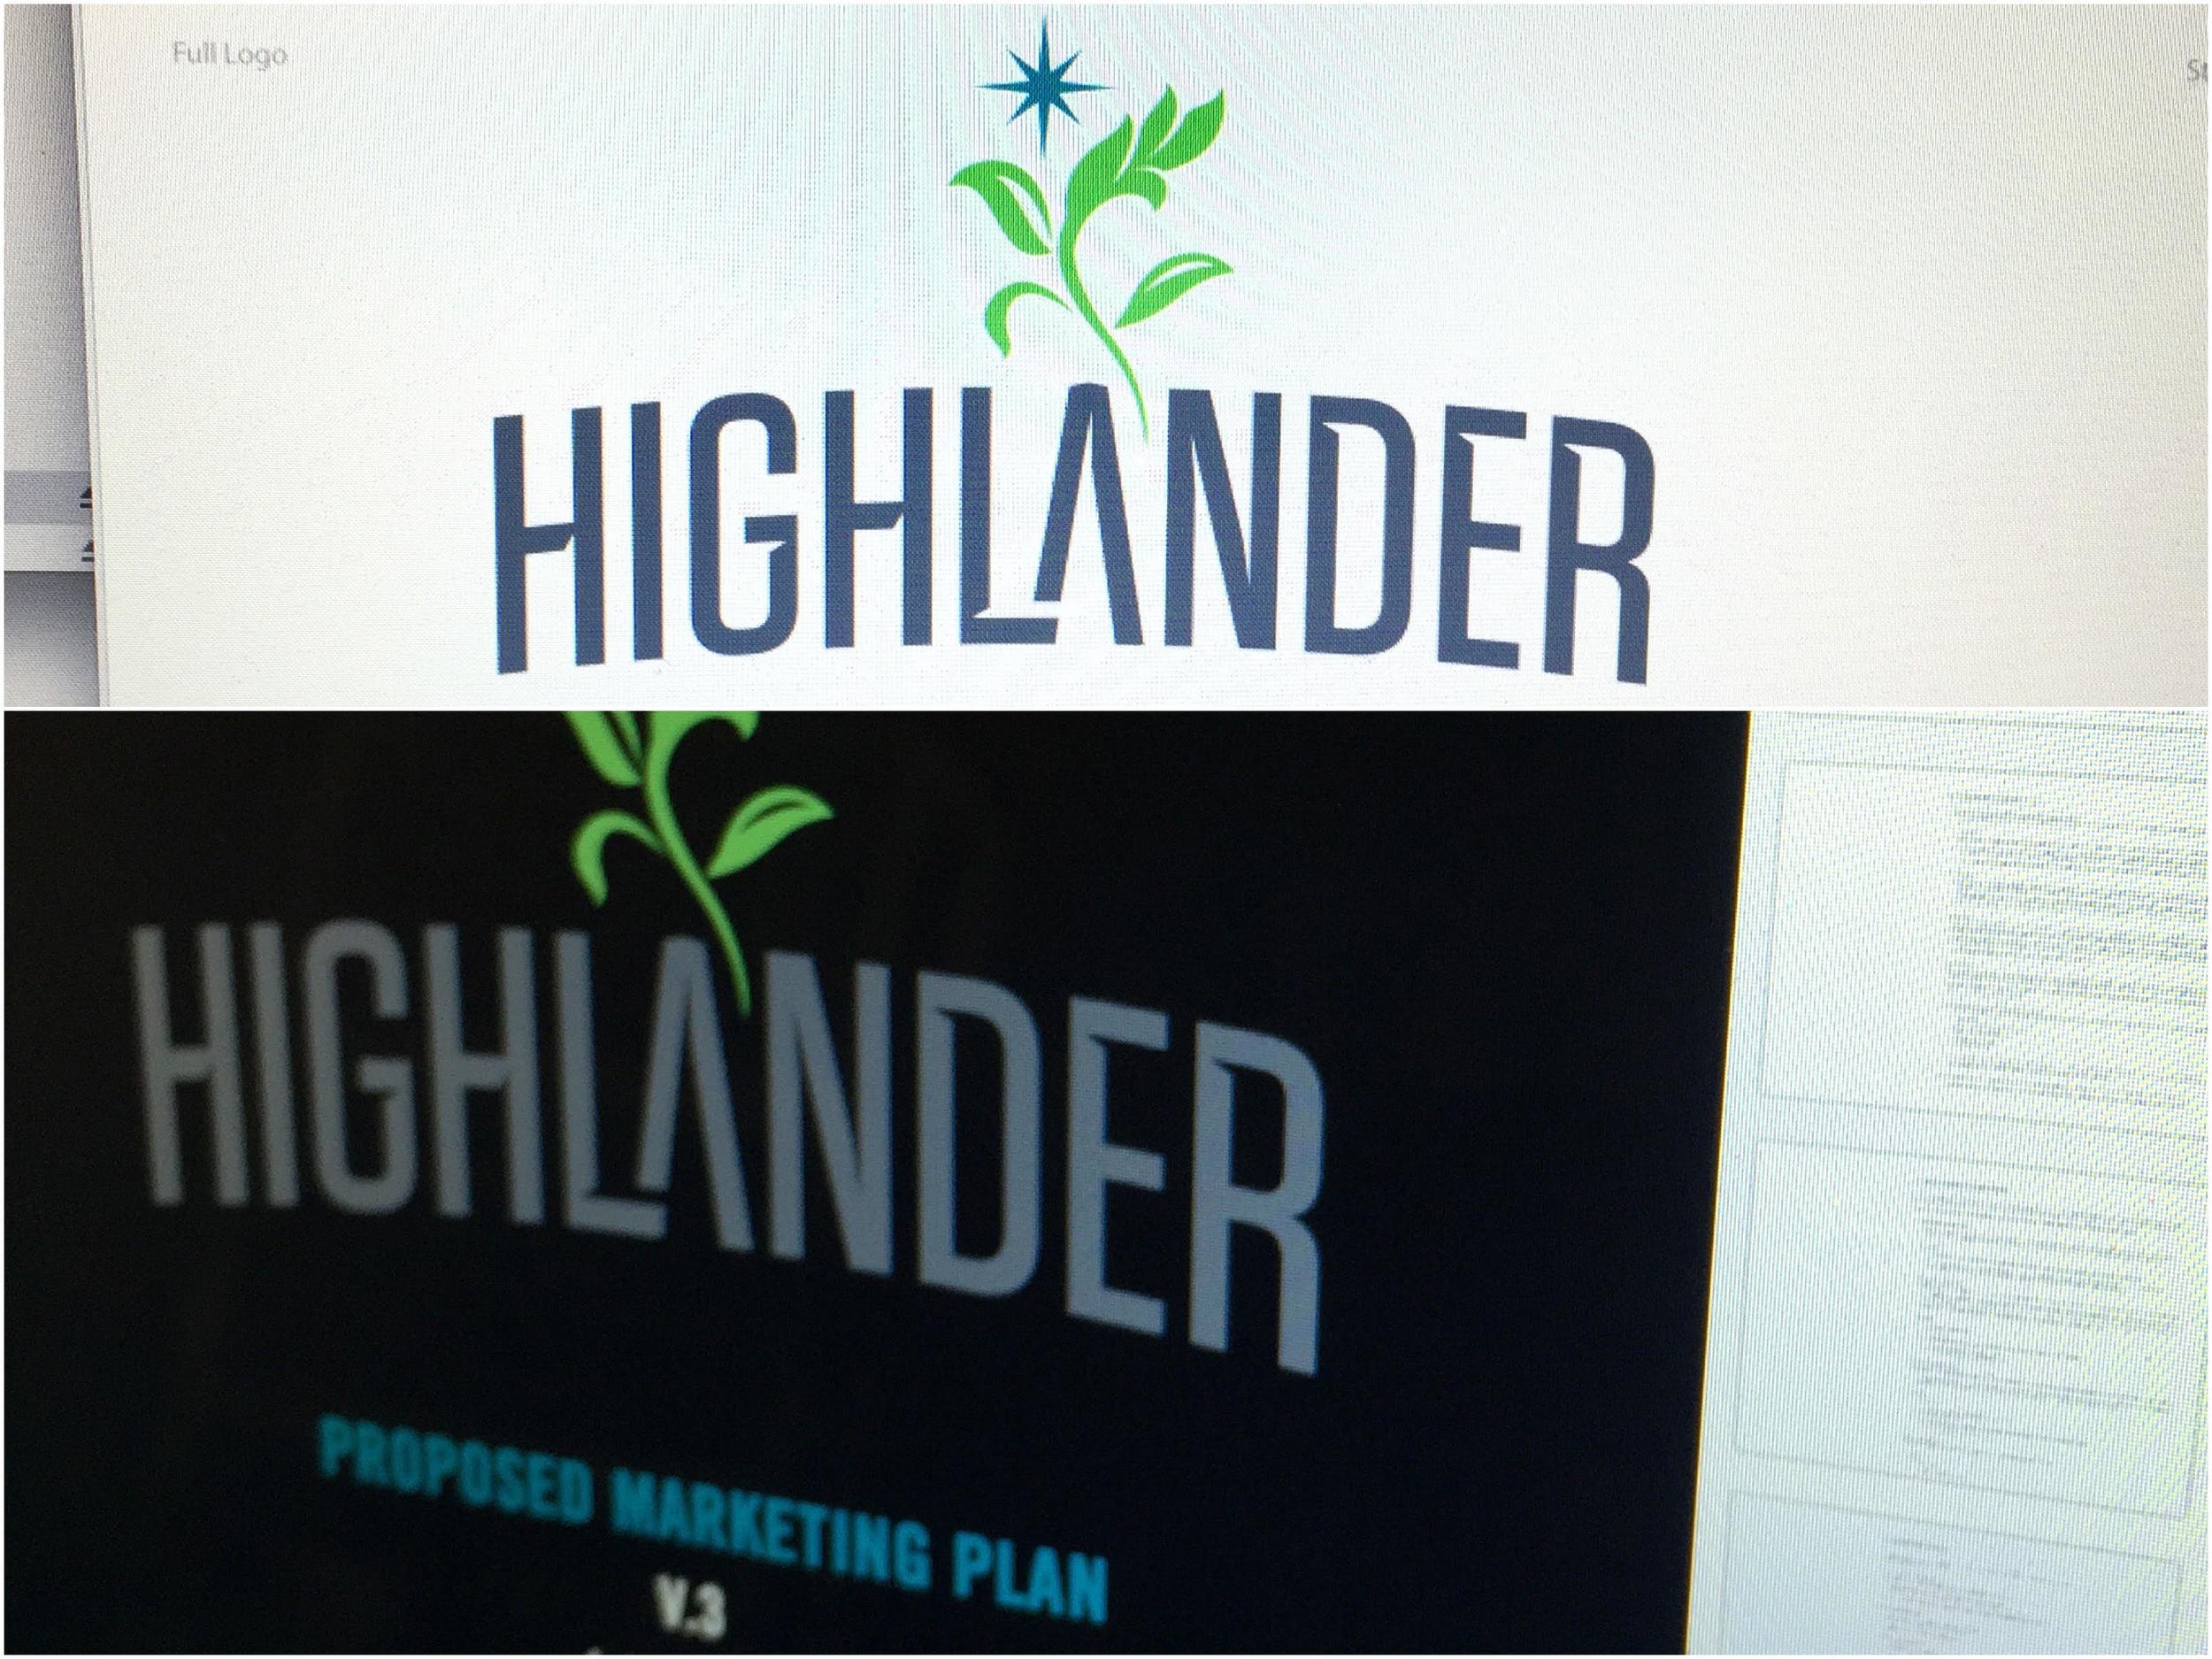 160215-Highlander-1.jpg